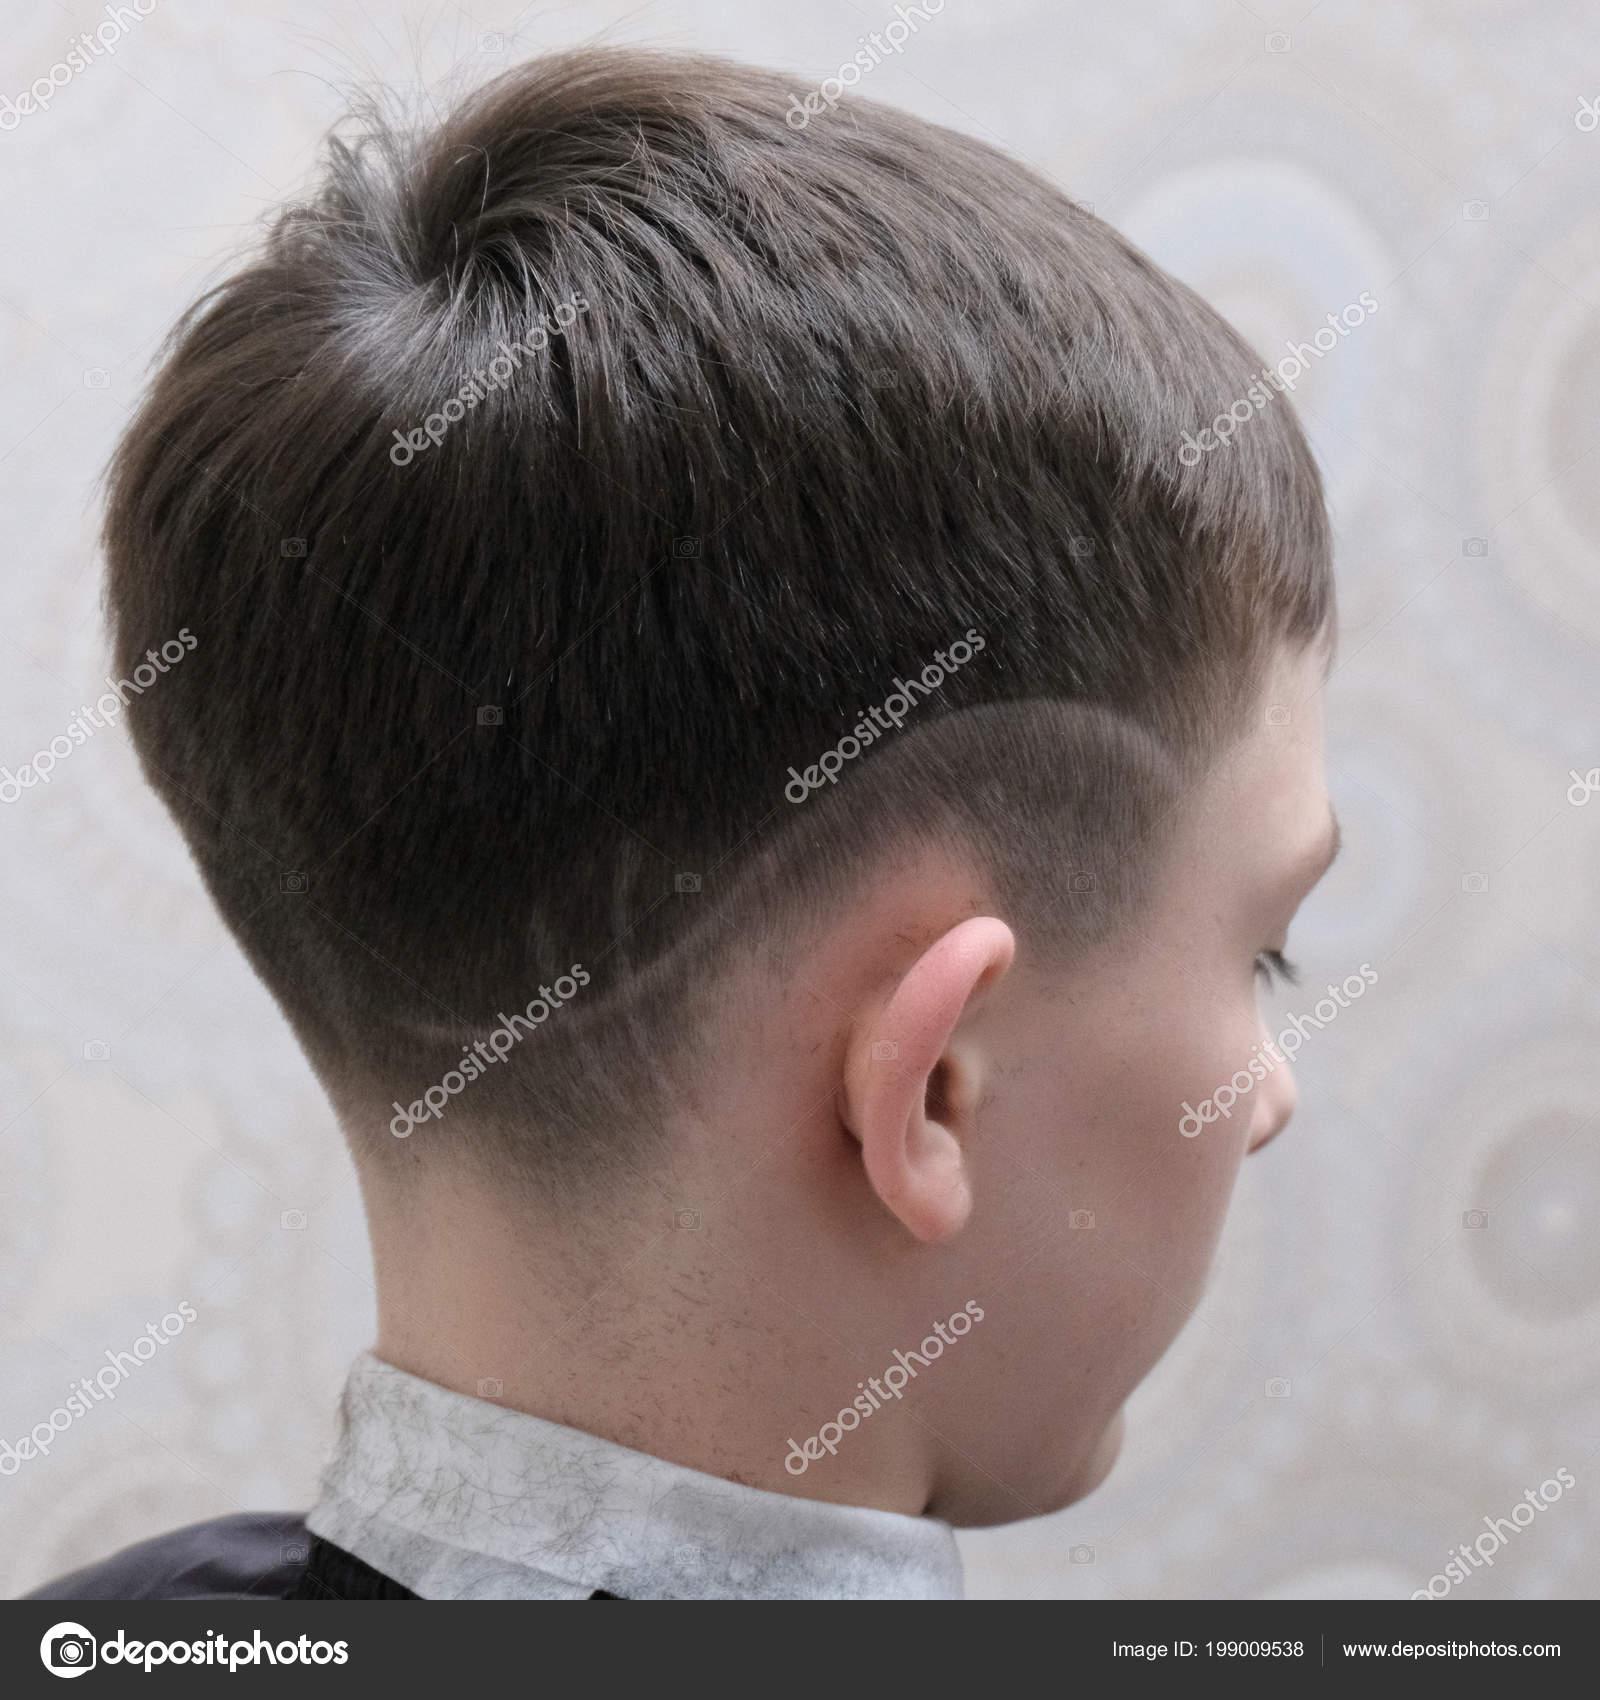 Modische Frisur Mit Einem Rasierten Muster Auf Dem Kopf Eines